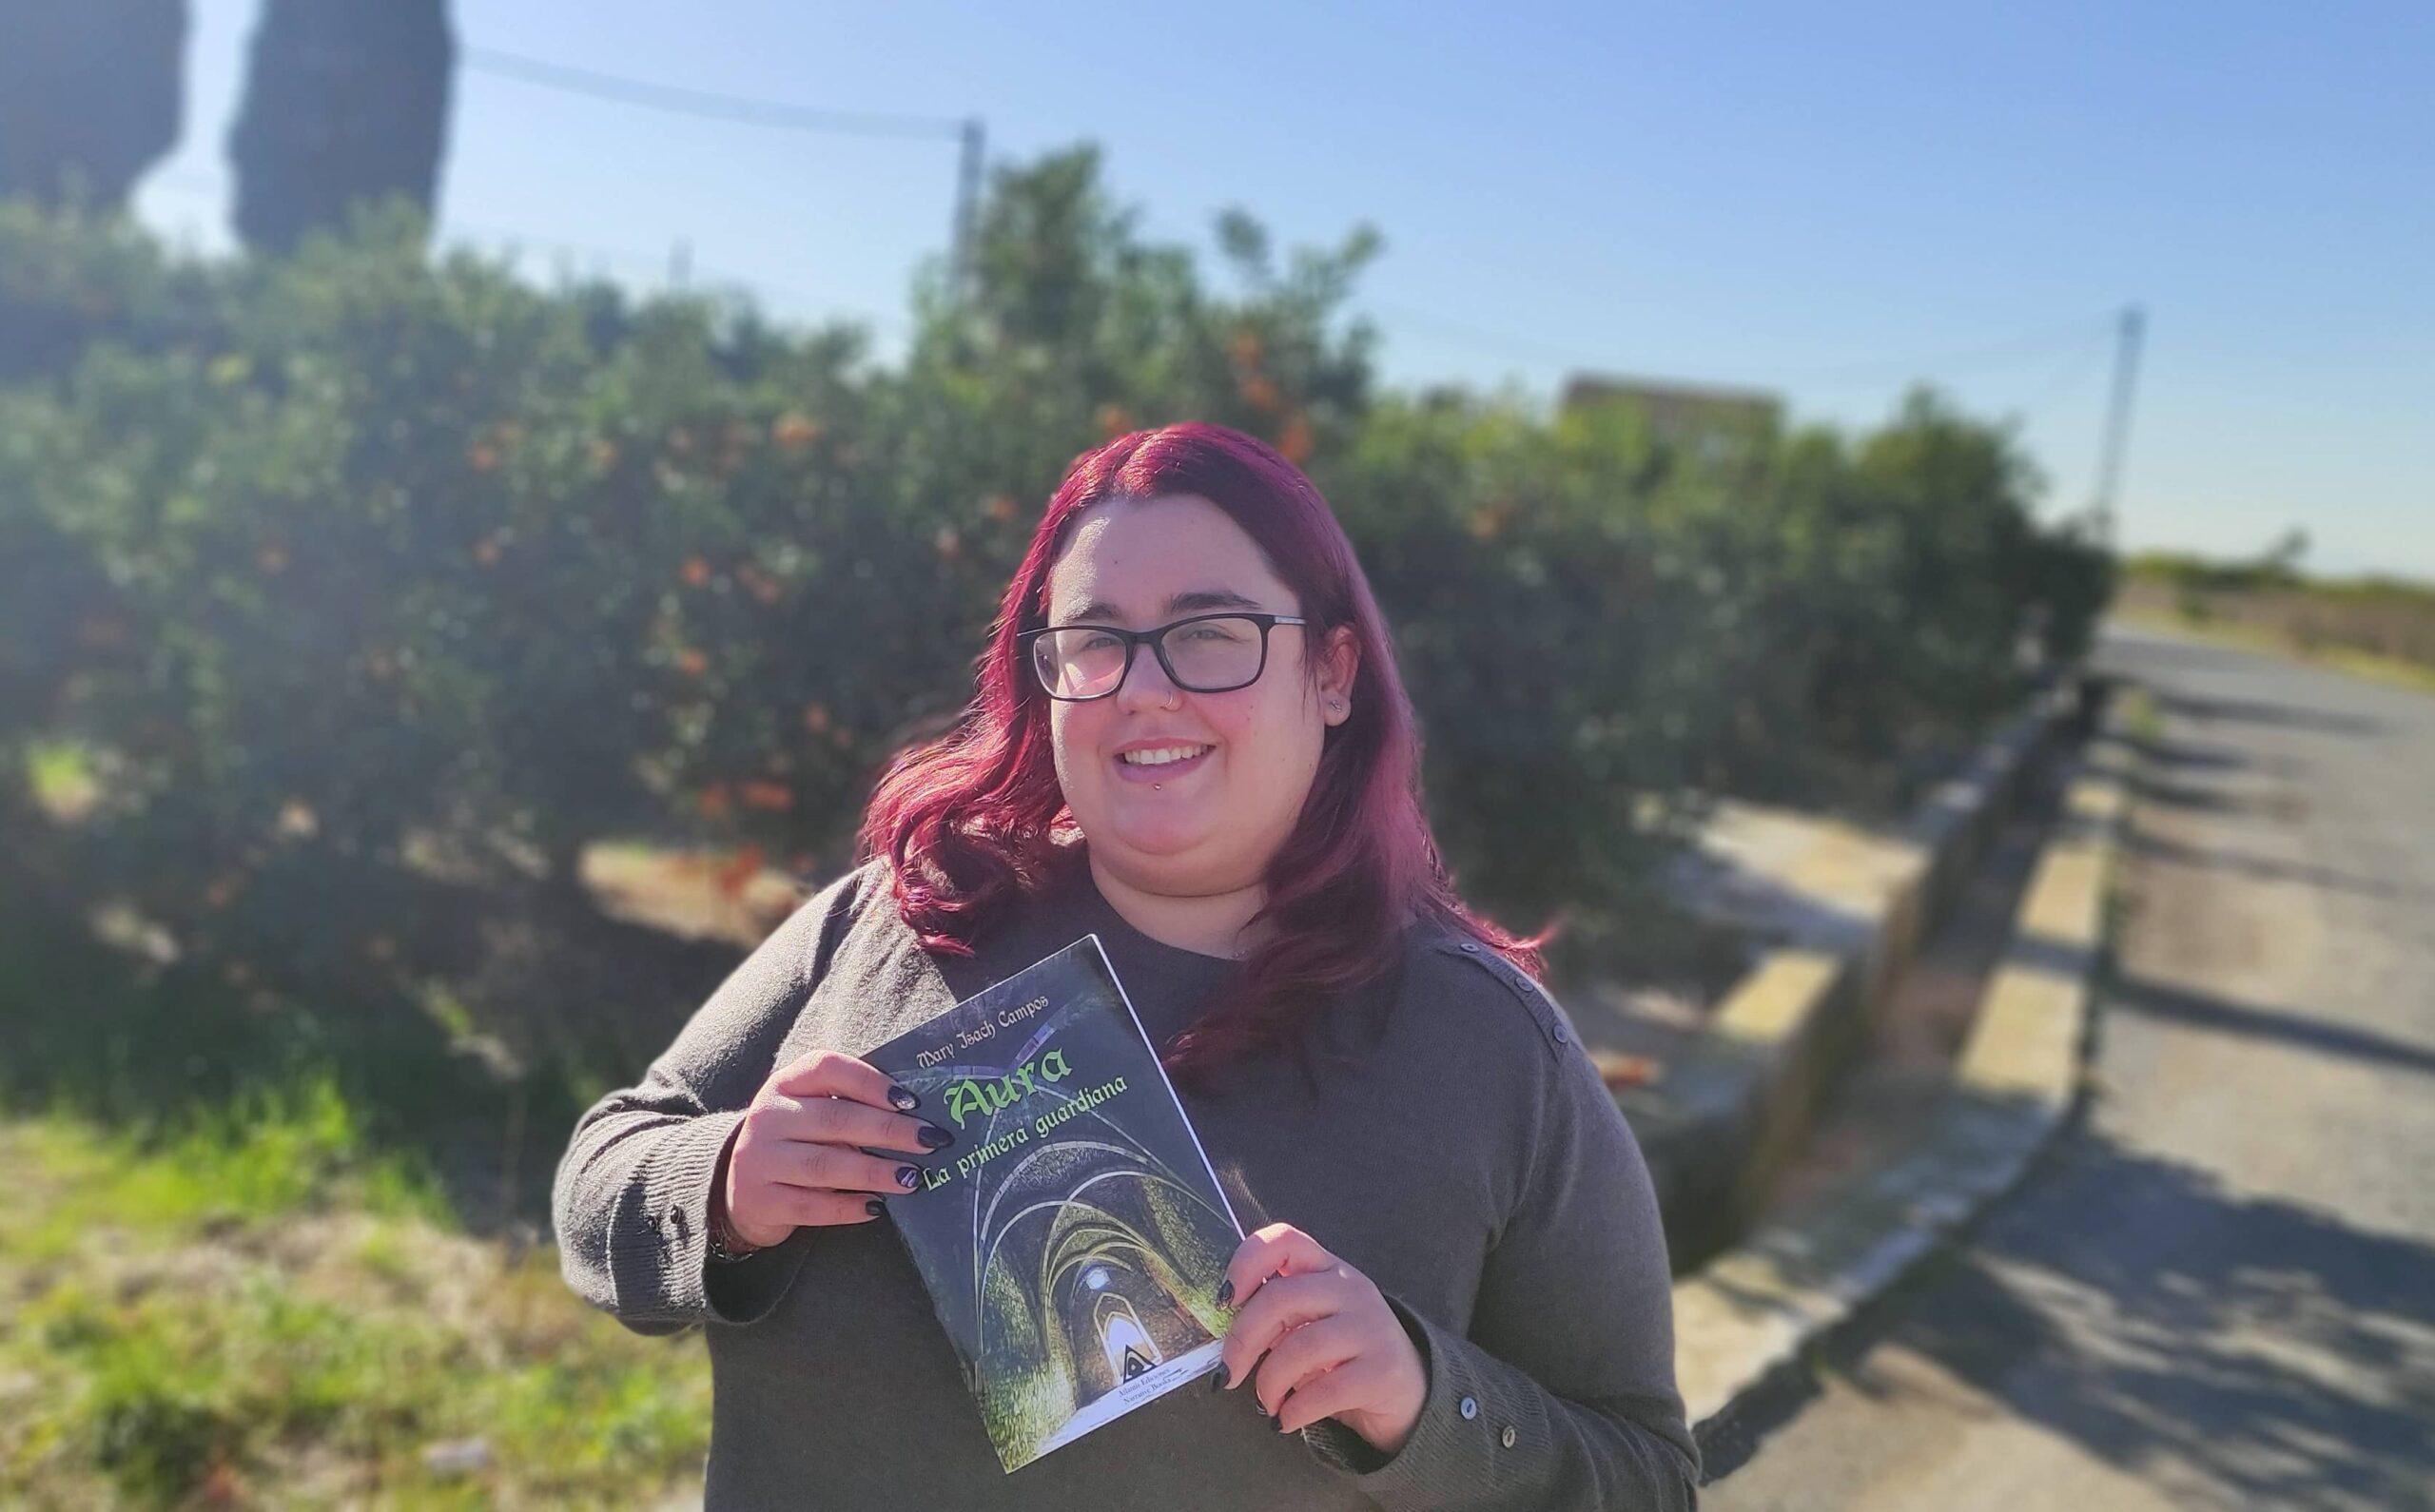 Conoce a Mary Isach, una autora capaz de mezclar amor, rock, fantasía y mitología nórdica en su primera novela